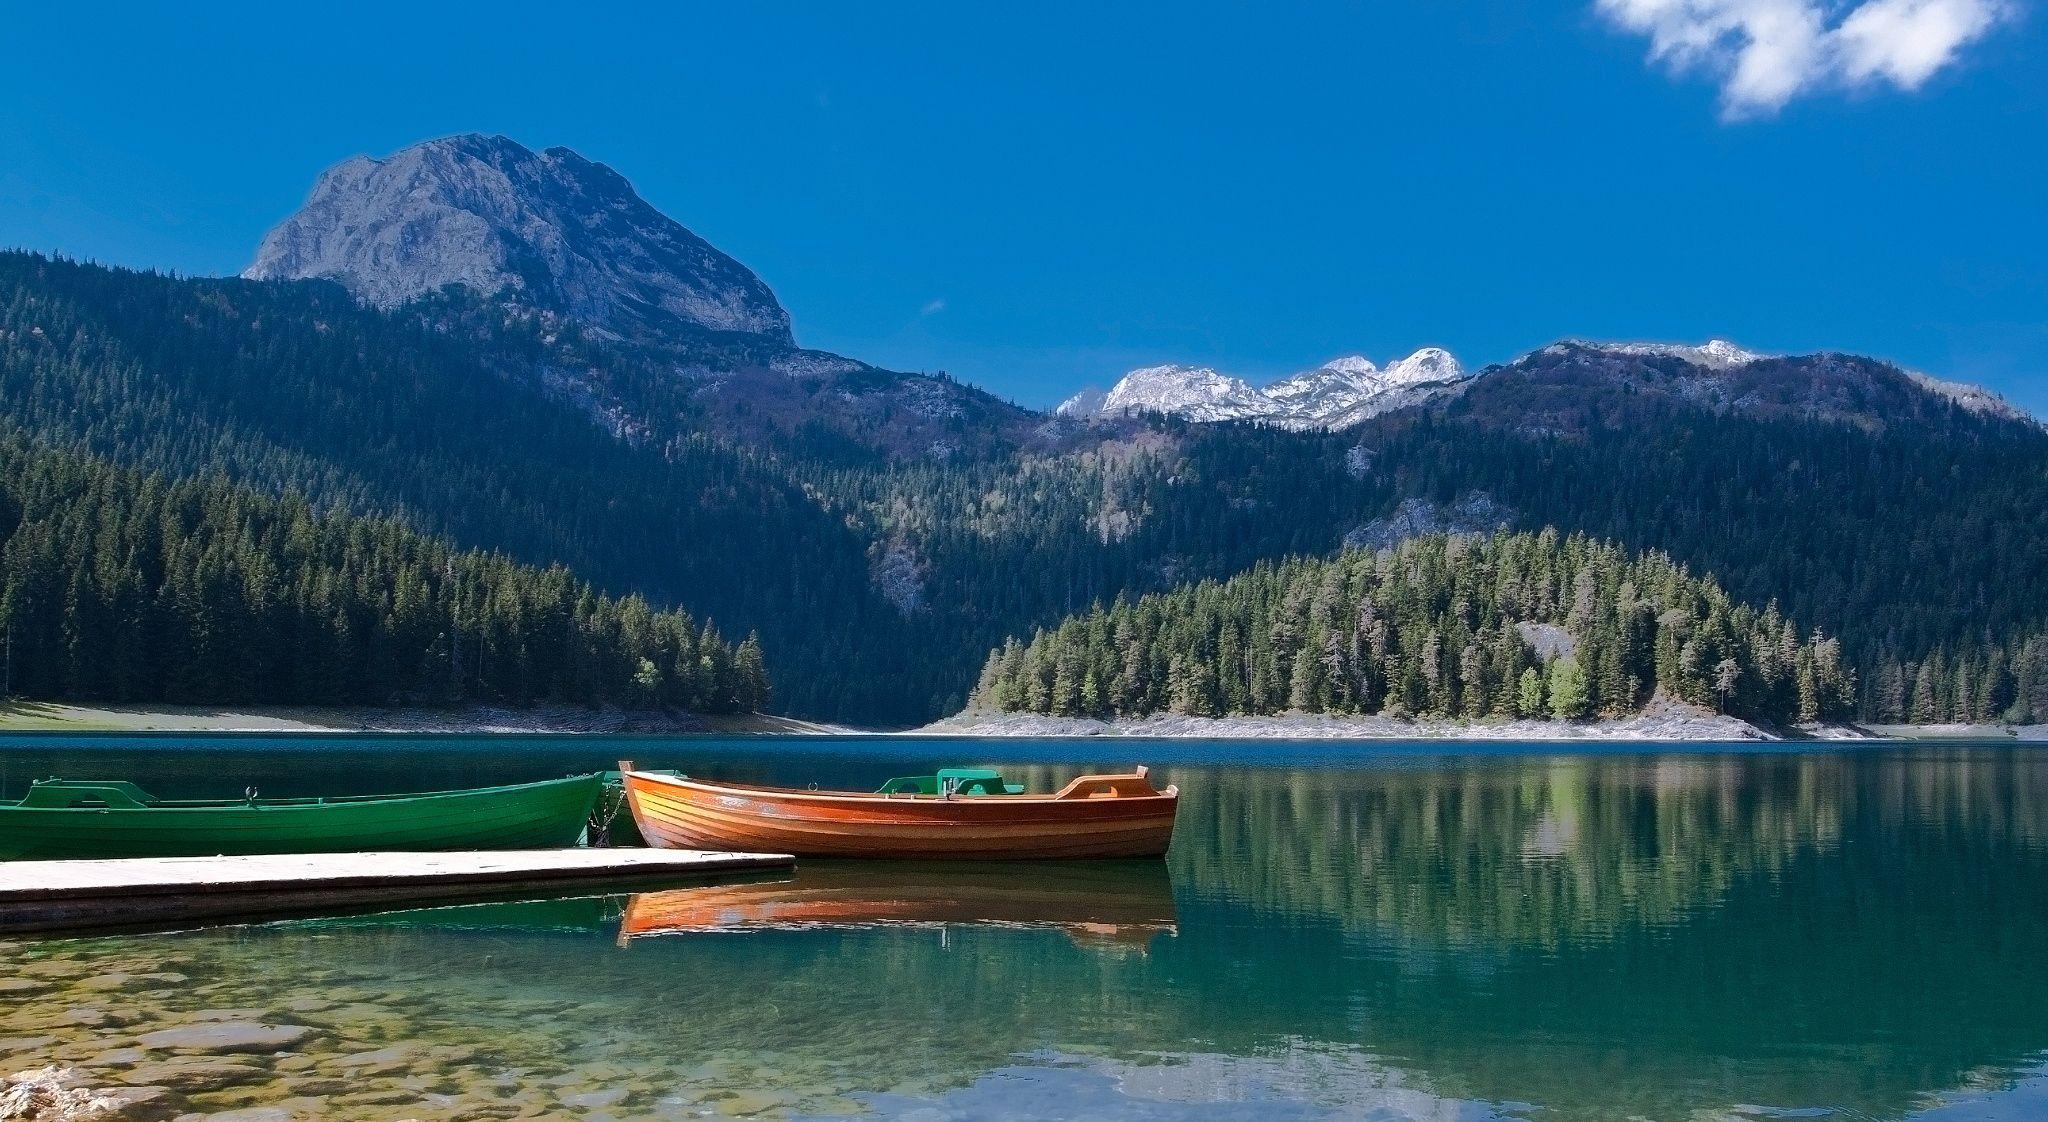 black lake montenegro - Google Search   Montenegro, Europe honeymoon, Lake